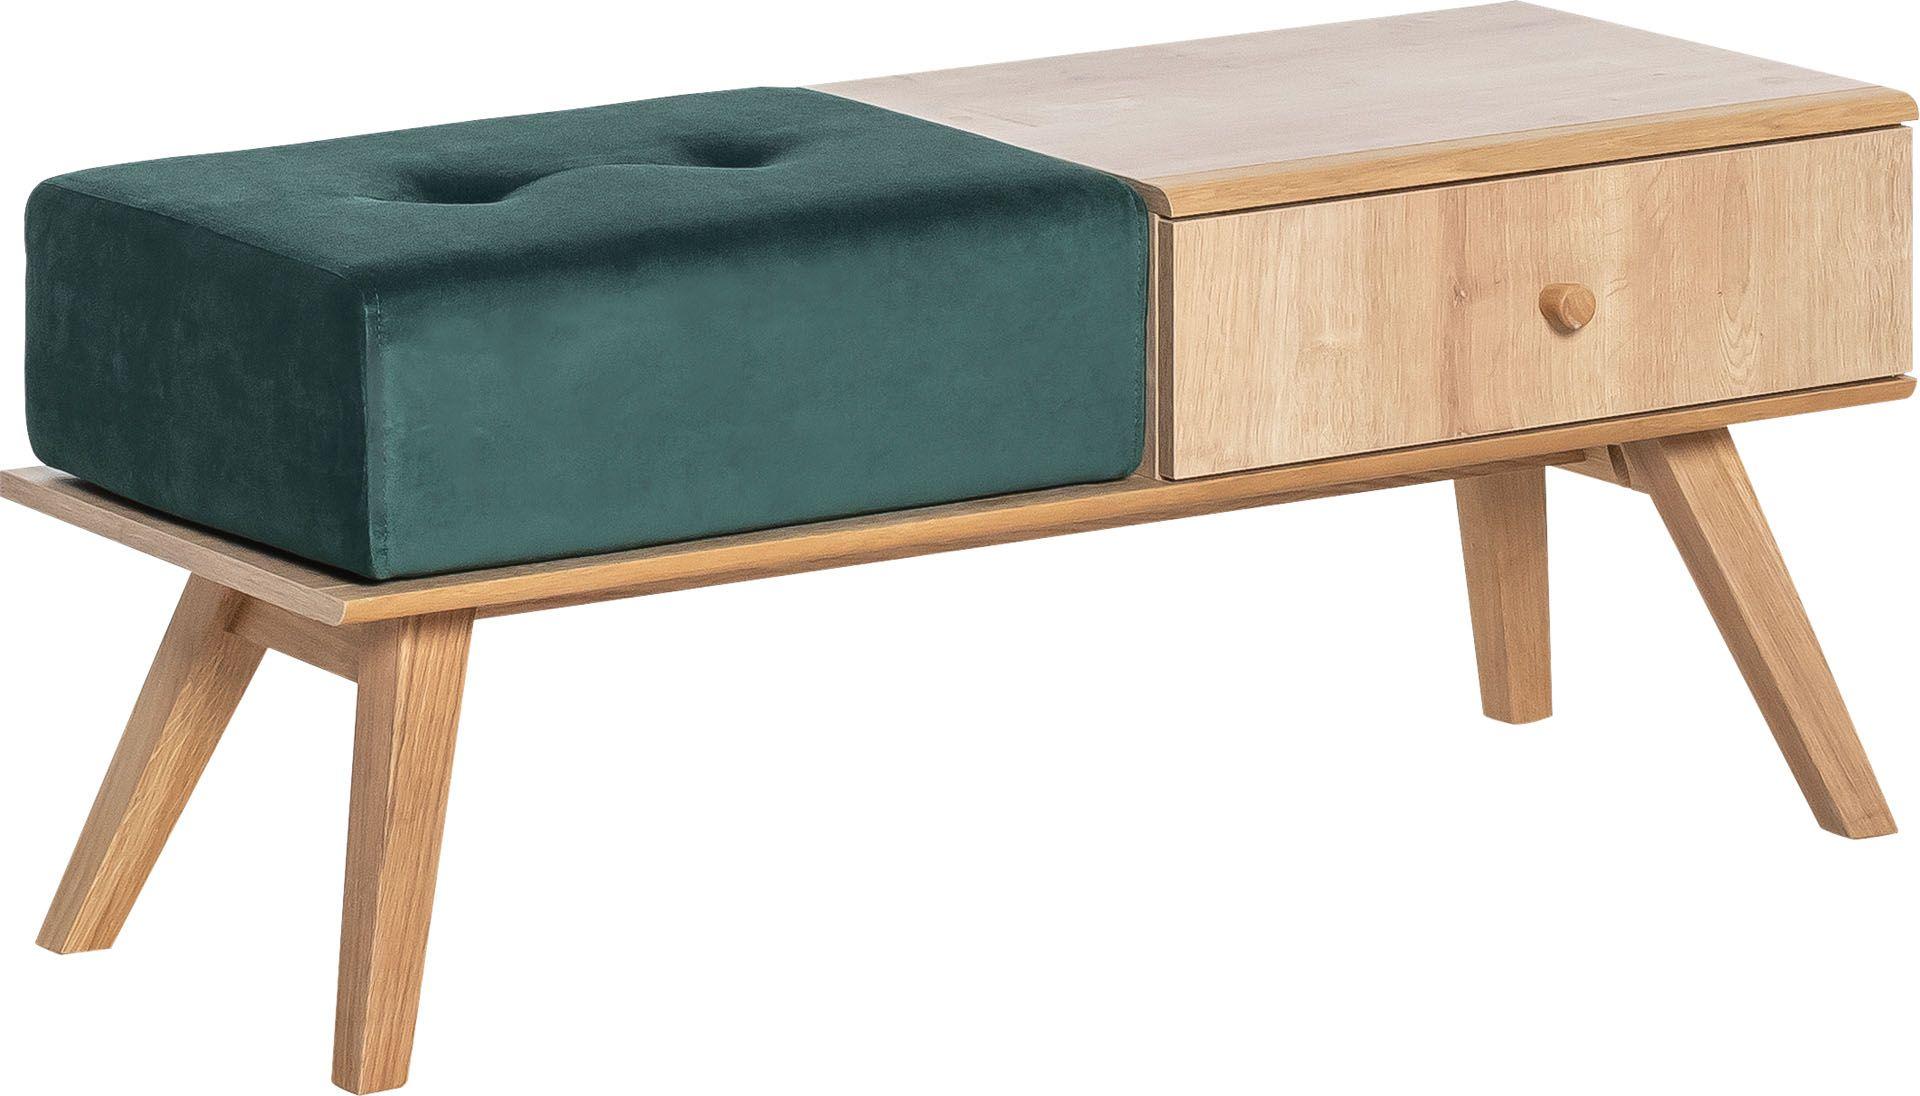 ławka Z Szufladą Remont W 2019 Wnętrza łóżka I Kuchnia